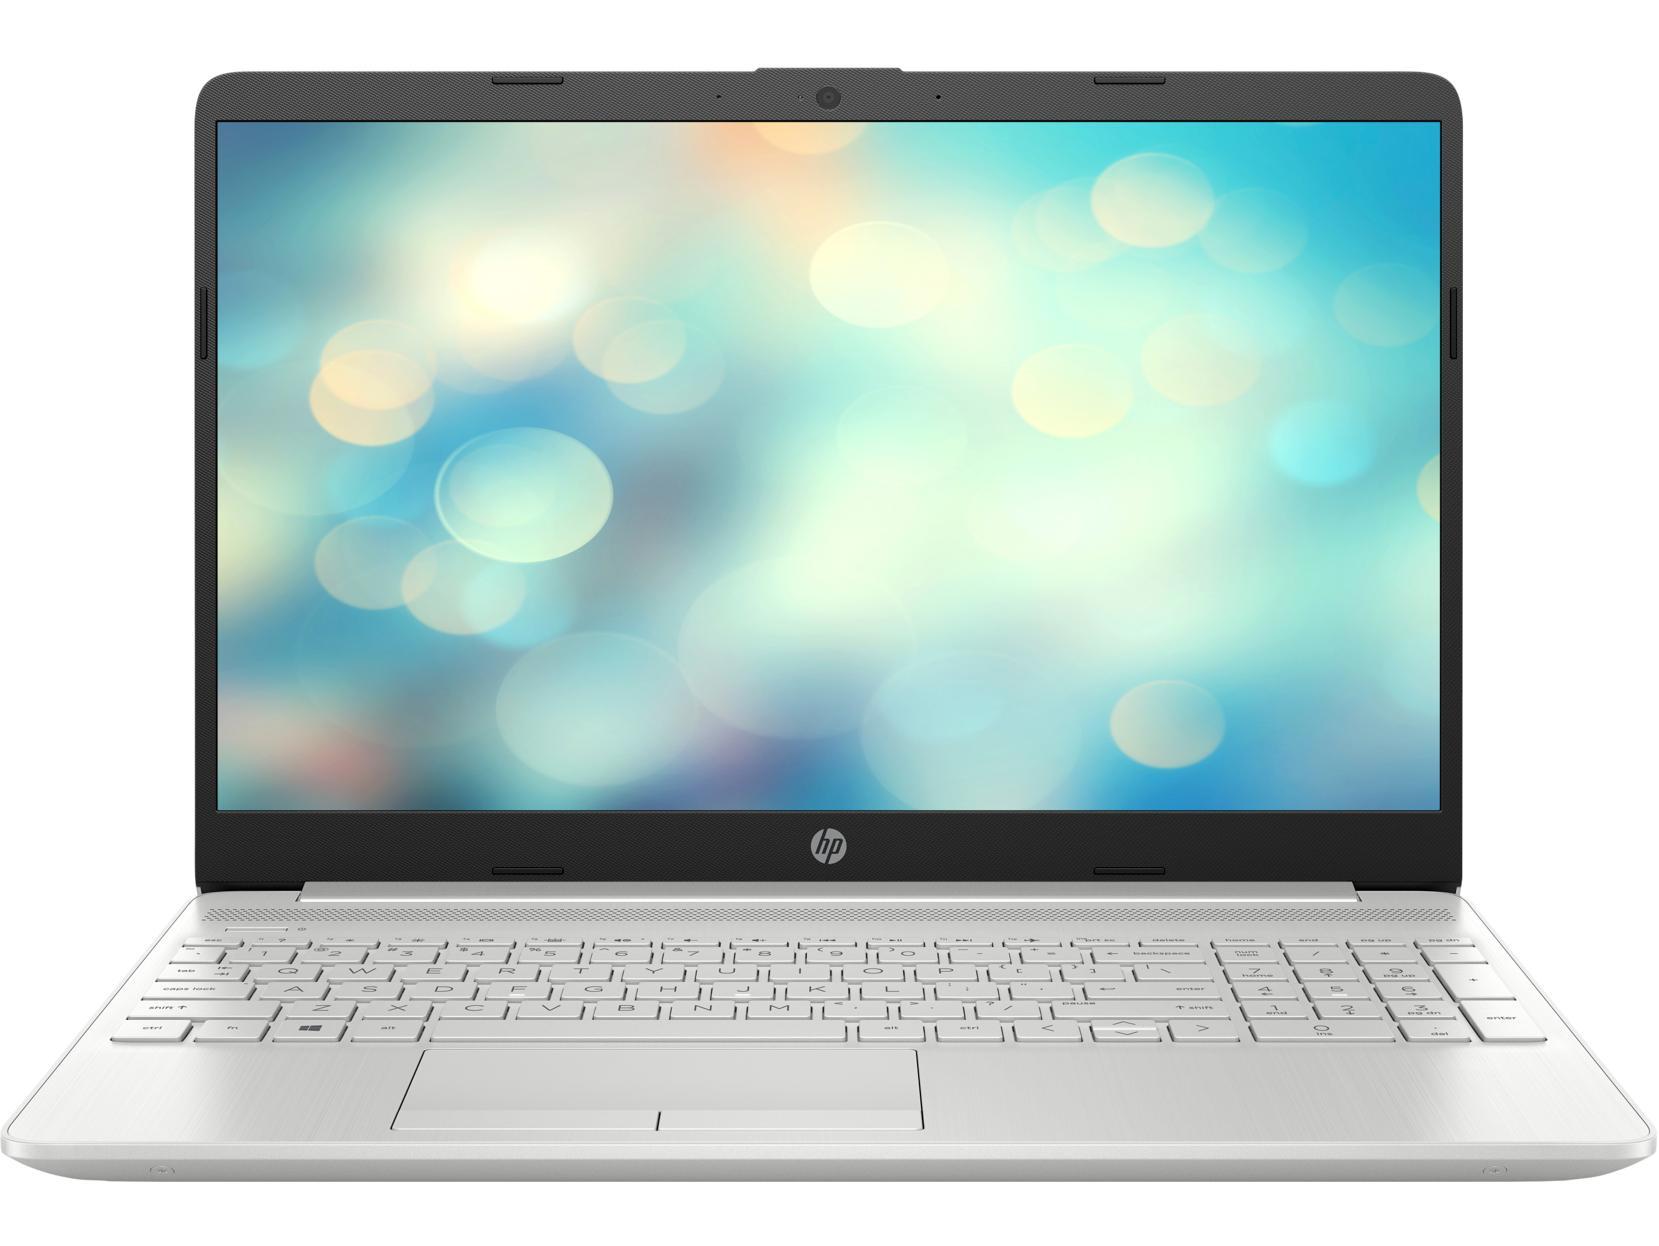 """Laptop HP 15s-du0041TX (Core i7-8565U/1.80 GHz/8MB/8GB RAM DDR4/1TB HDD/DVDRW/NVIDIA GeForce MX130 2GB/15.6"""" HD/Win 10 Home 64/Silver/1Y WTY_6ZF66PA - Hàng Chính Hãng"""